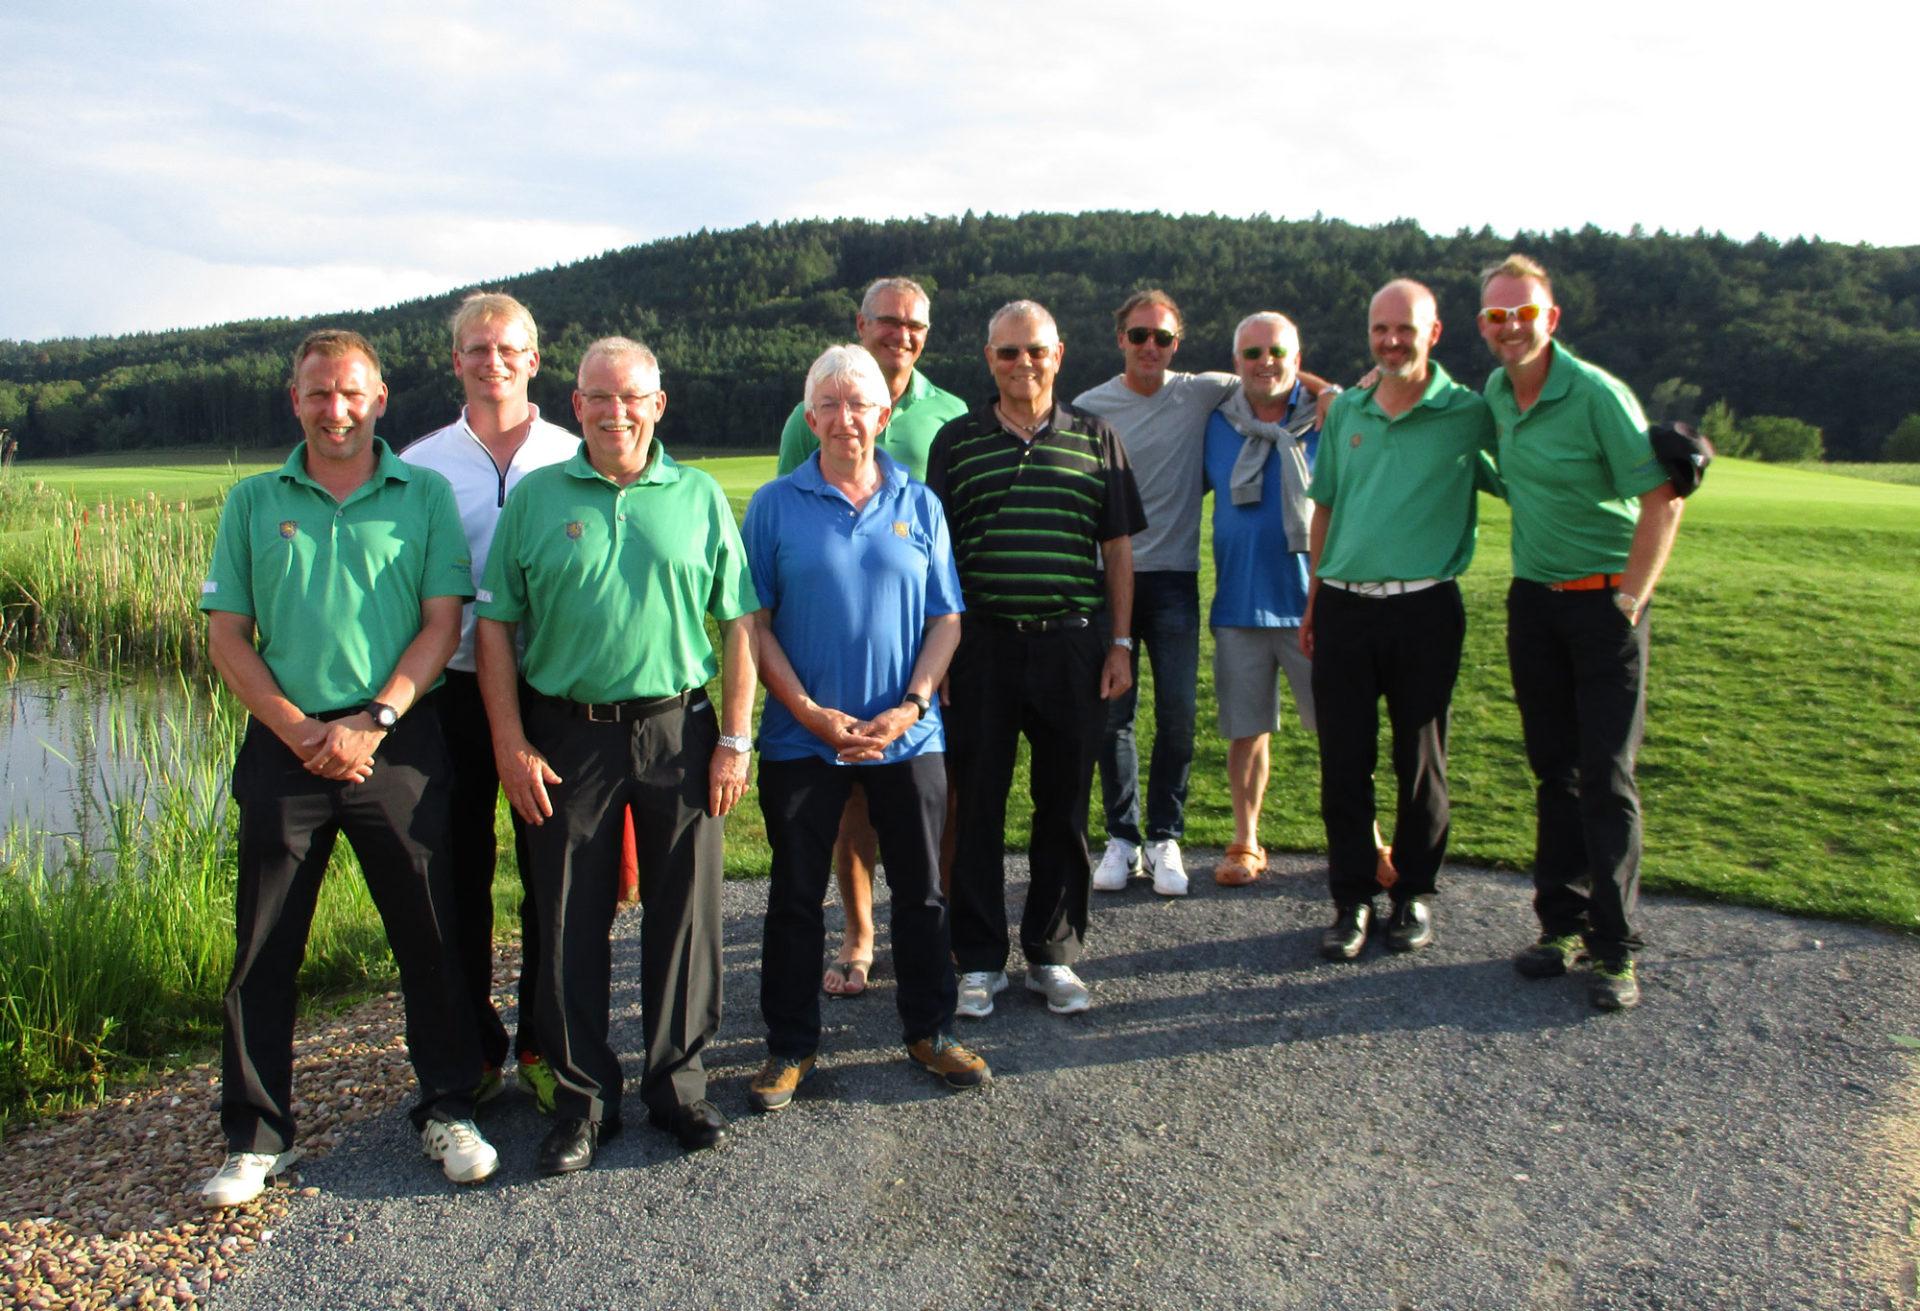 Hotel Hofgut Georgenthal Golf Restaurant Spa Auszeit Taunus Wiesbaden Kurzurlaub Mannschaft